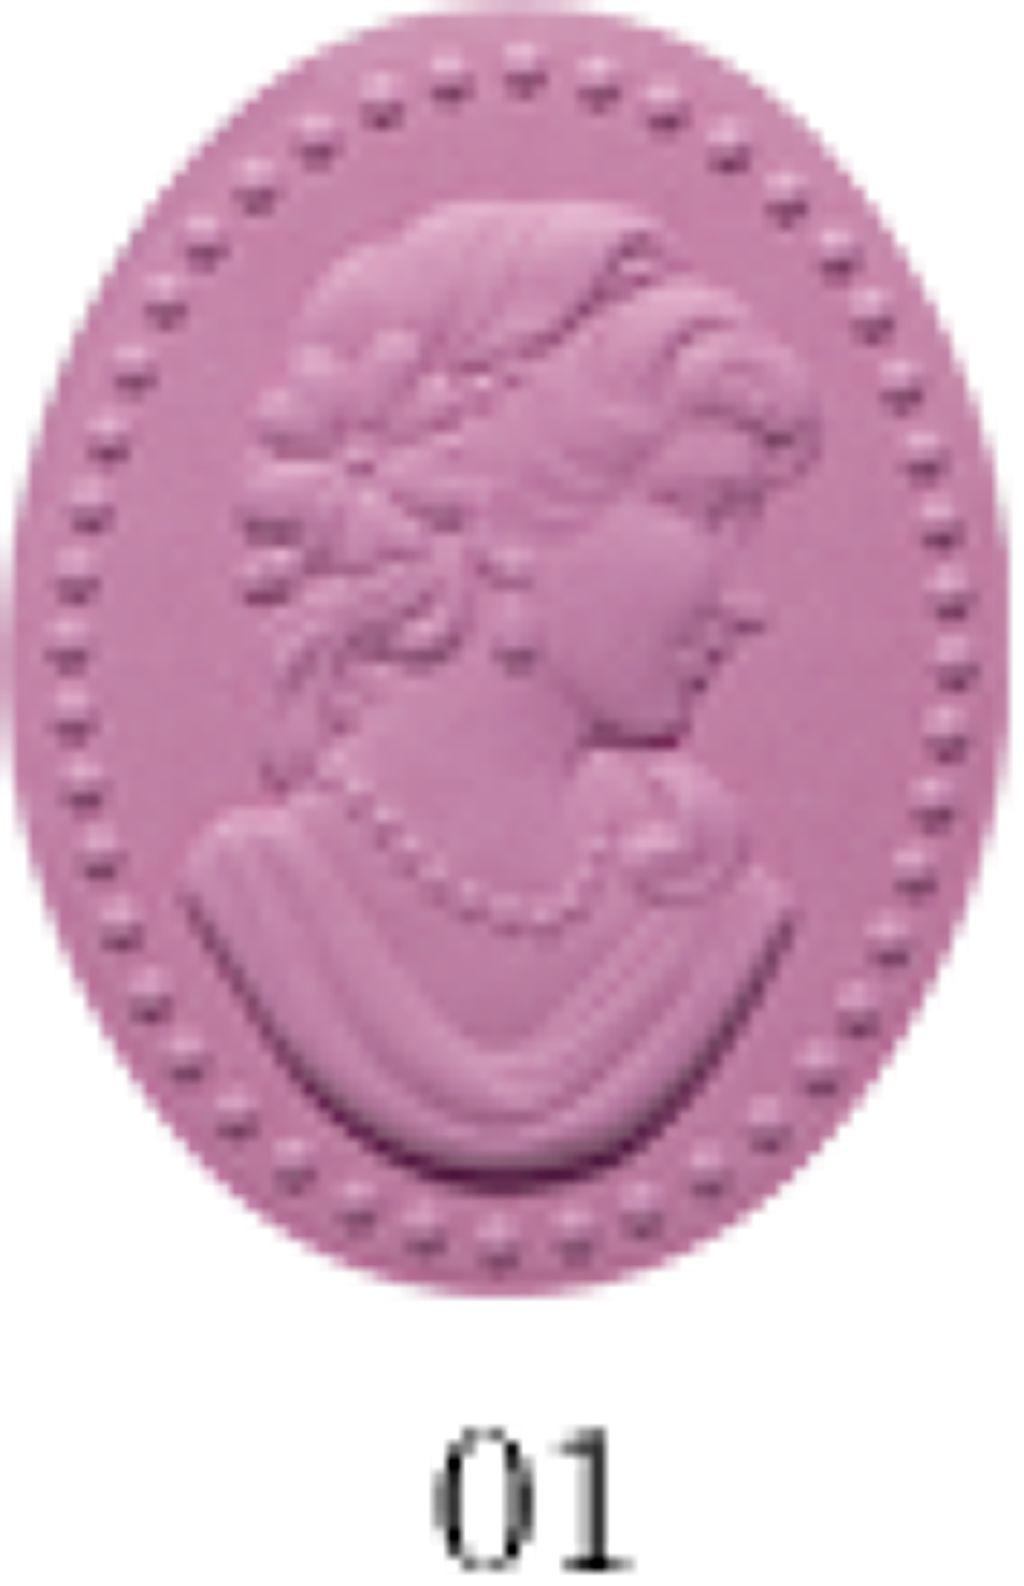 プレスト チークカラー01 Josephine ジョゼフィーヌ(ナポレオン最初の妻の名)